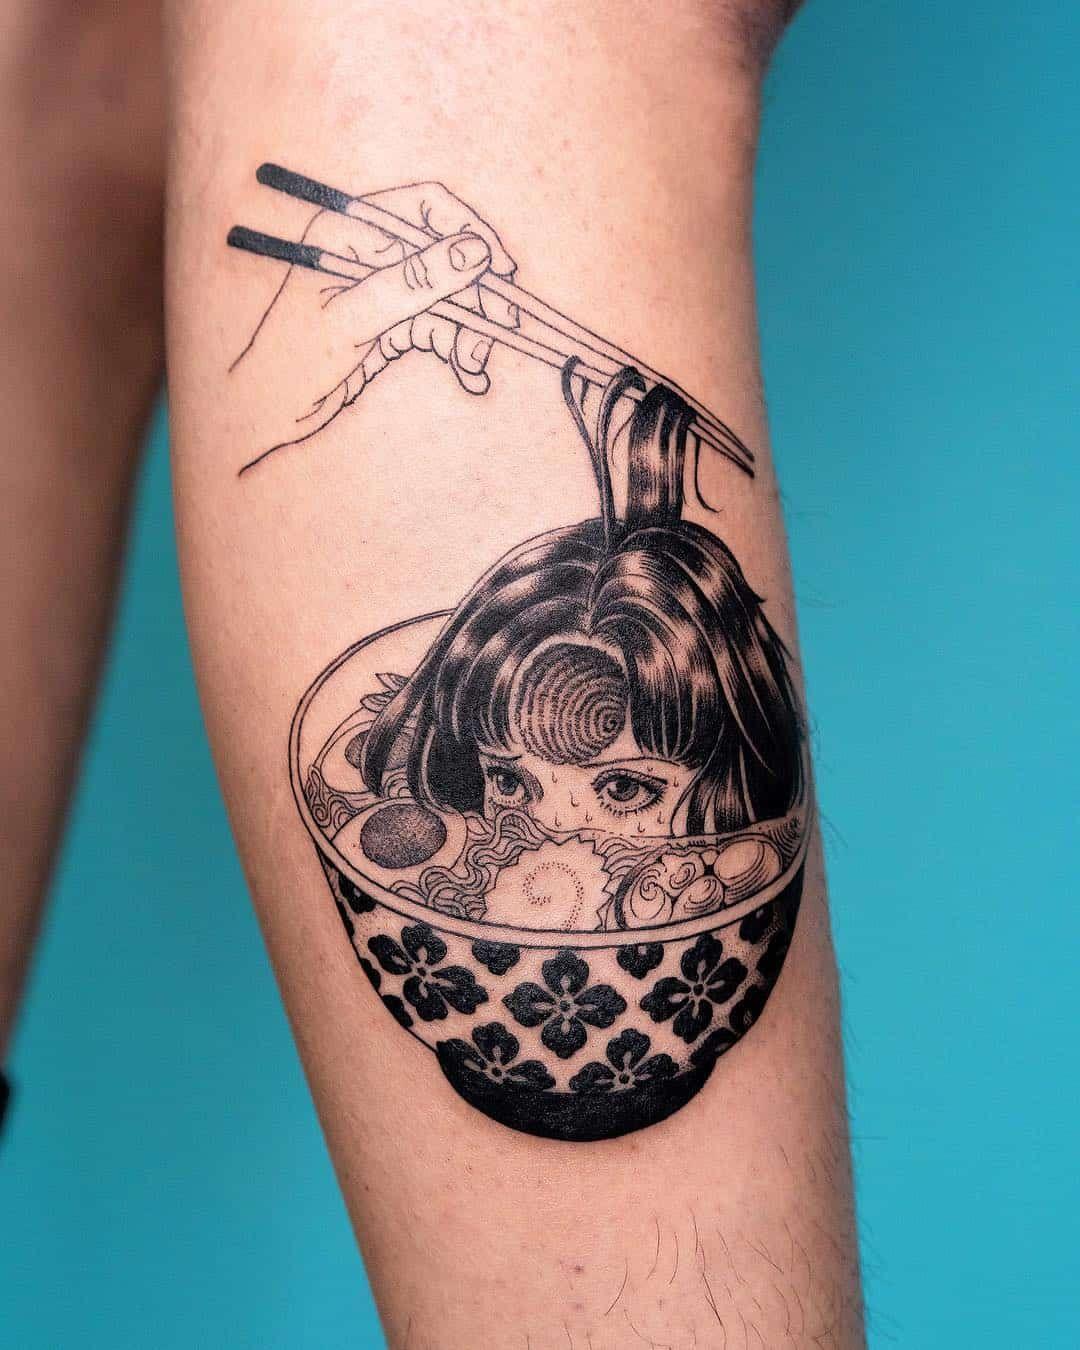 Tattoo Artist Oozy Food tattoos, Surreal tattoo, Sleeve